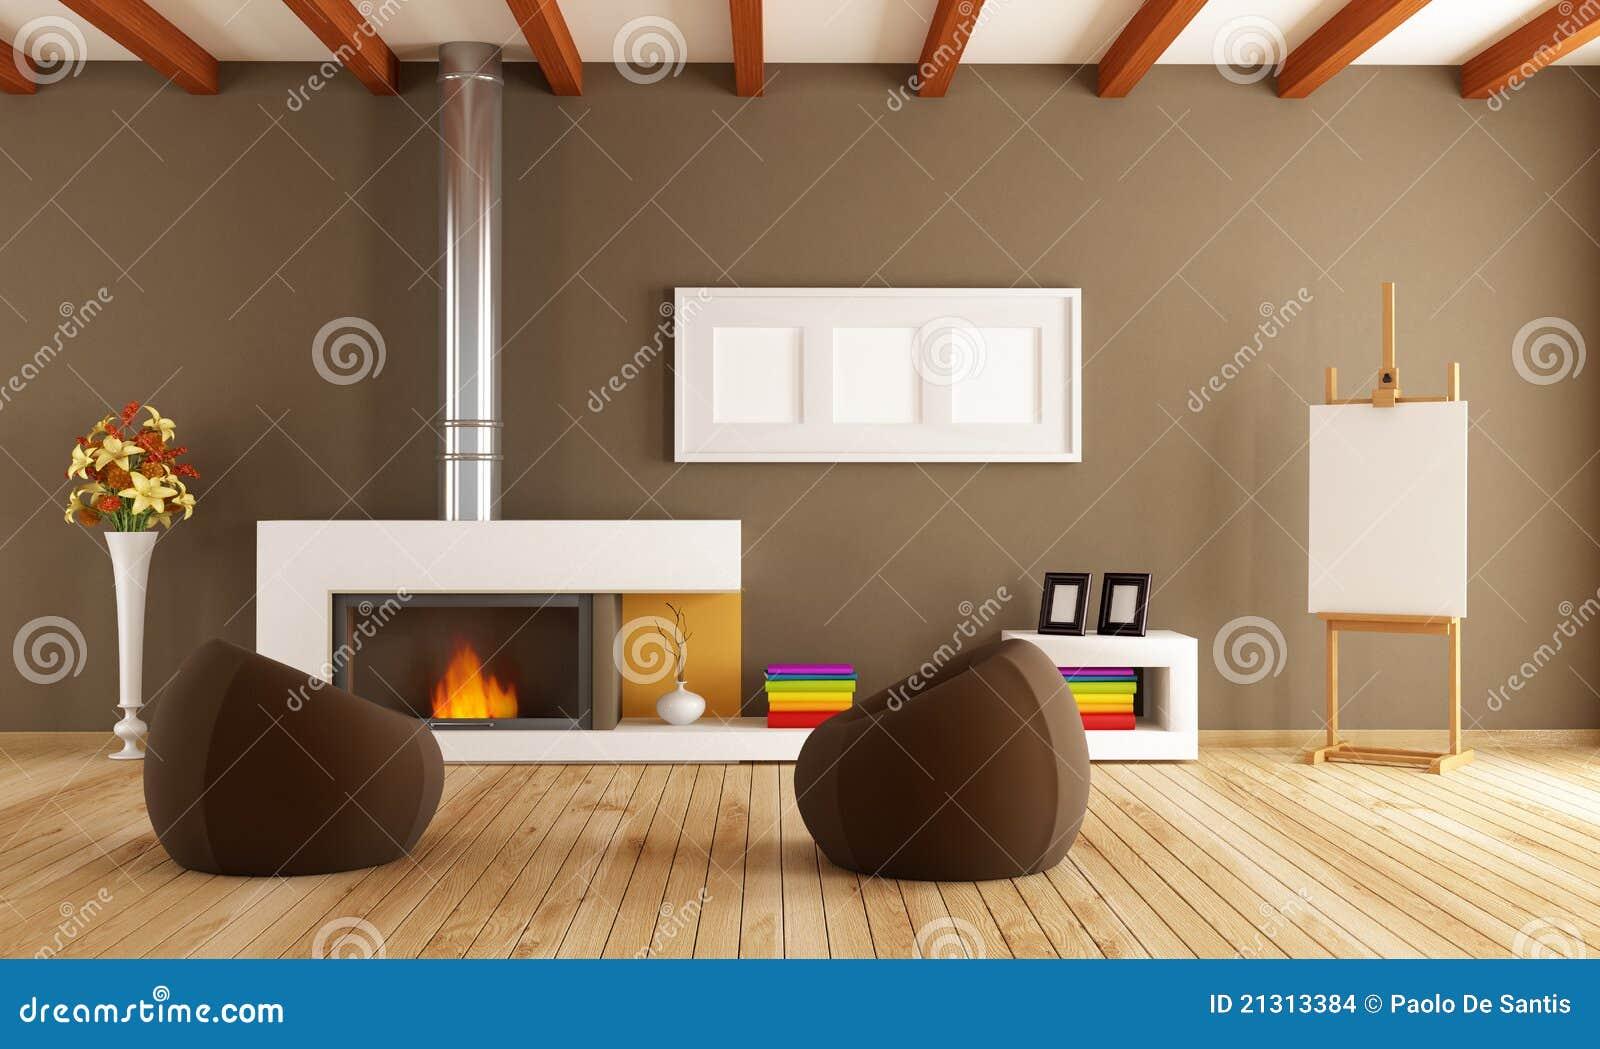 Moderner Innenraum Mit Kamin Stockbilder   Bild: 21313384, Wohnzimmer Dekoo